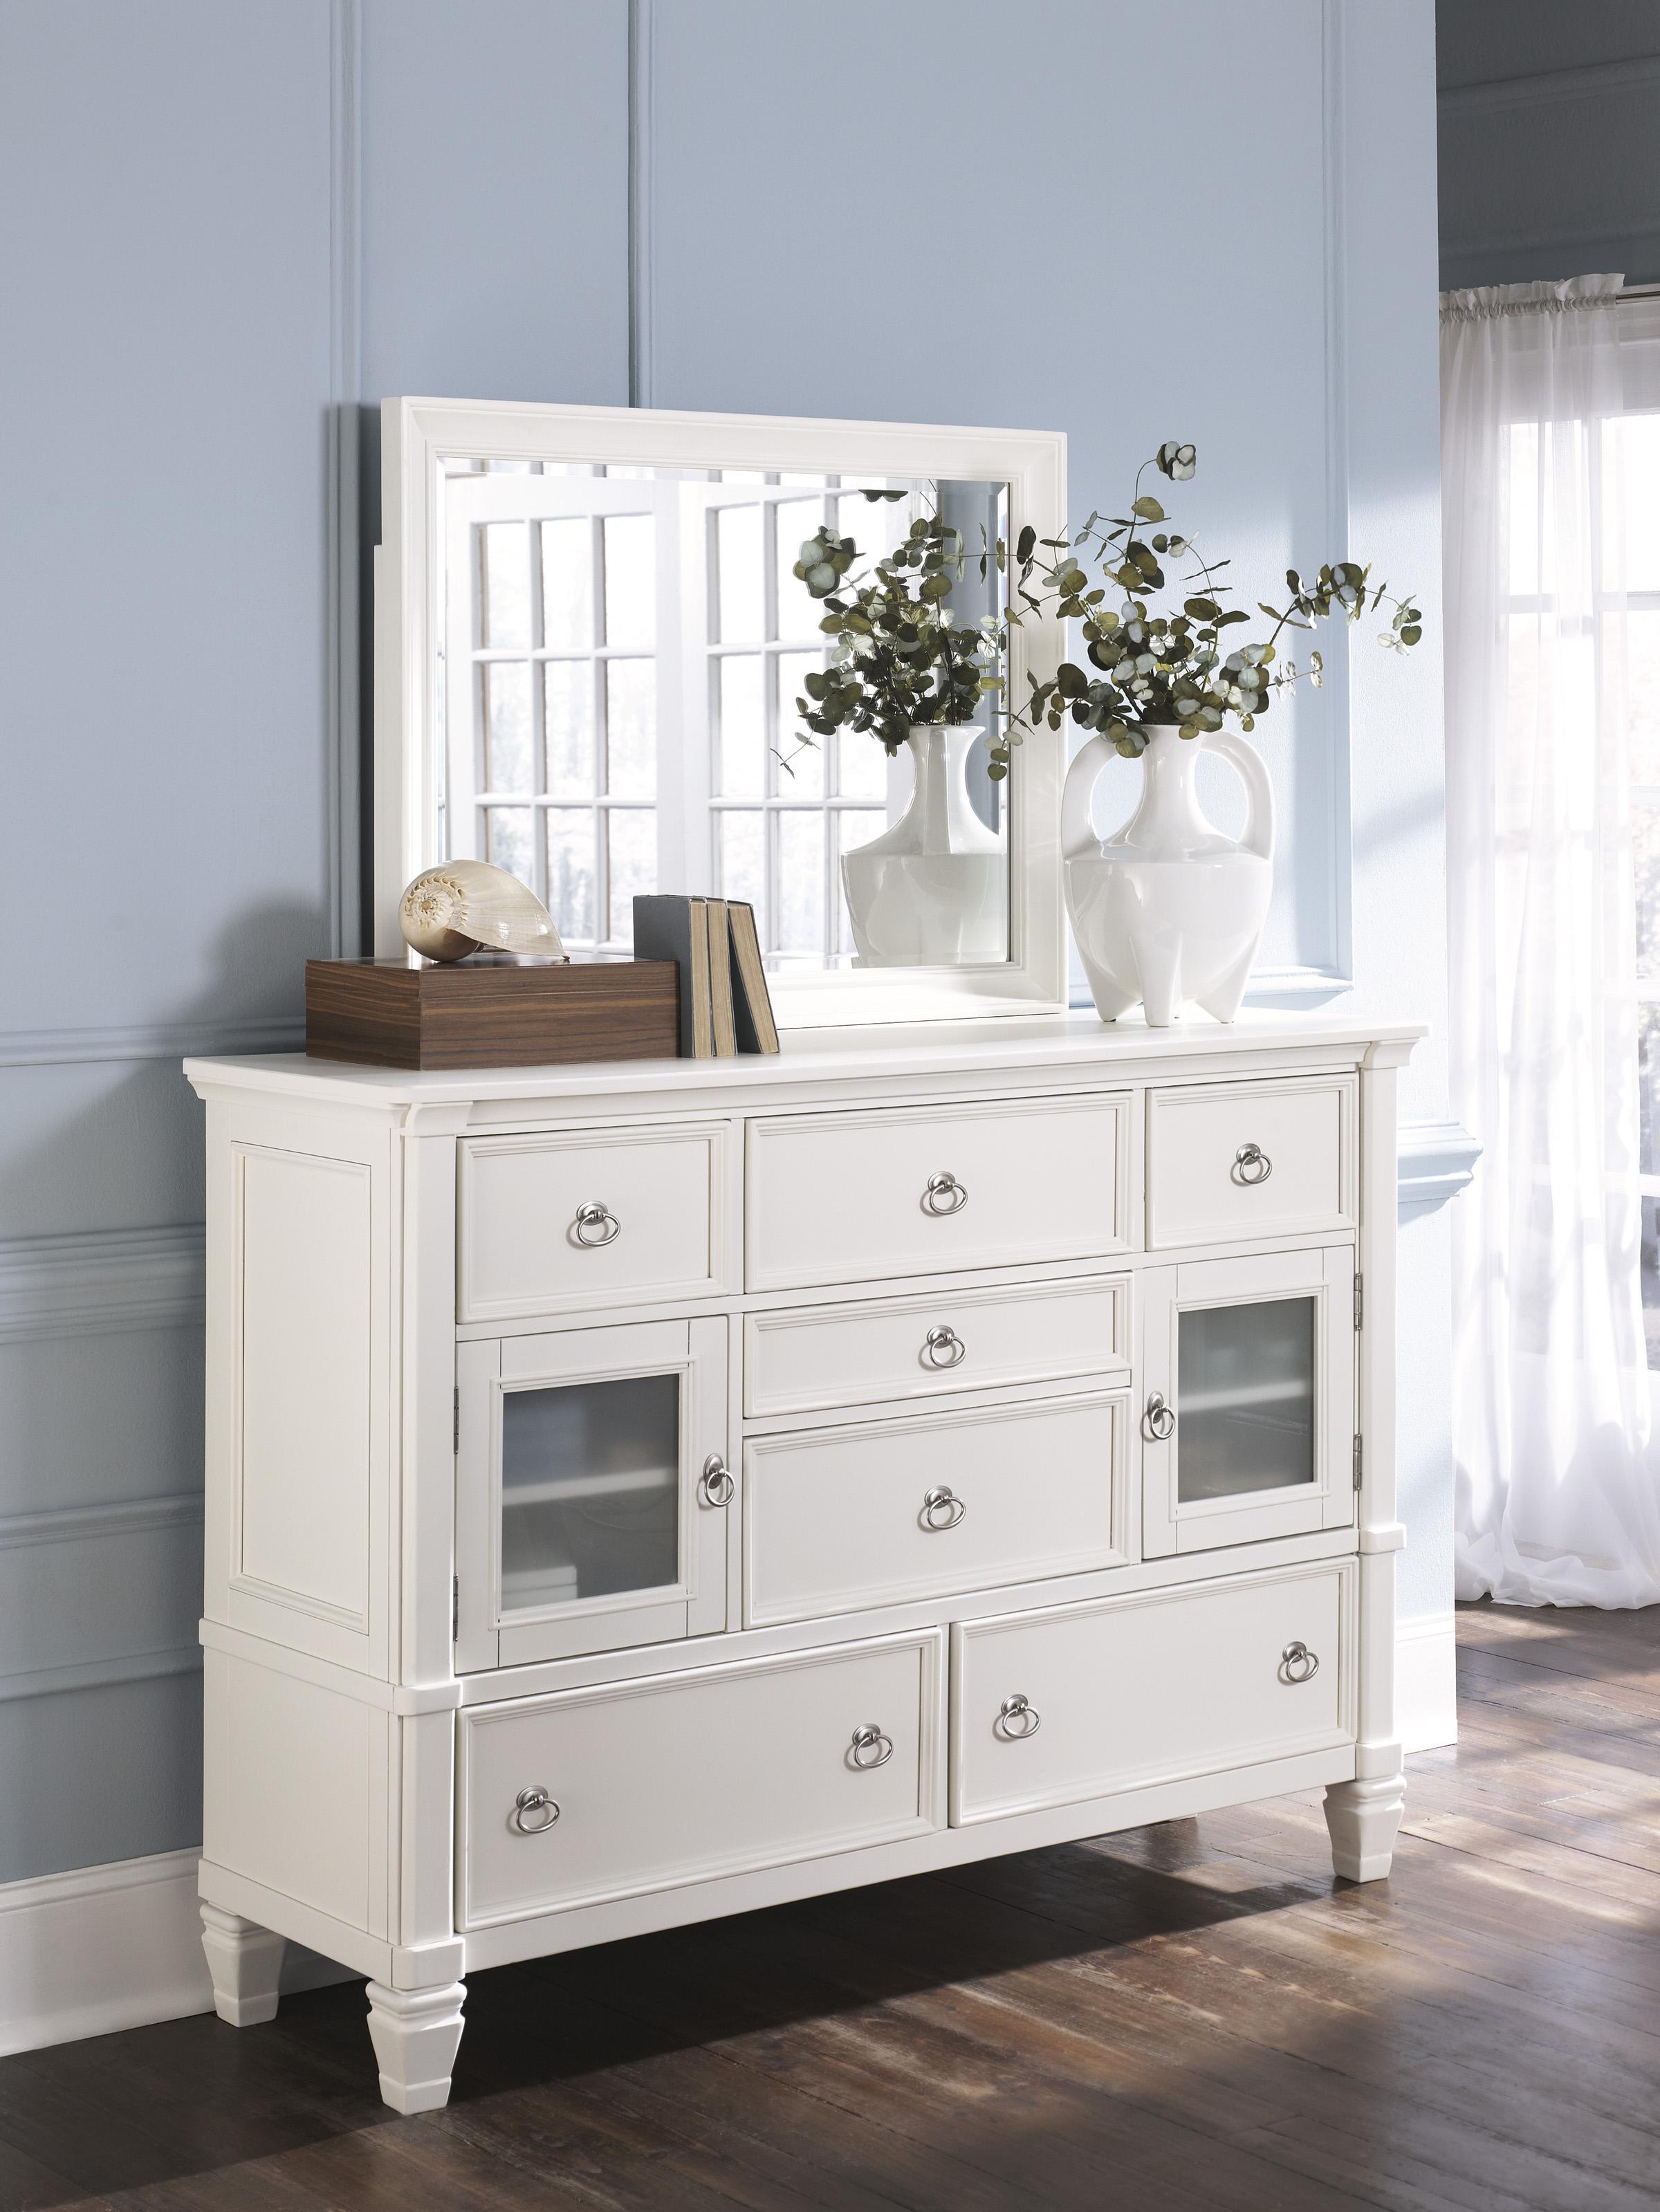 Millennium Prentice B672 31 7 Drawer Dresser With Glass